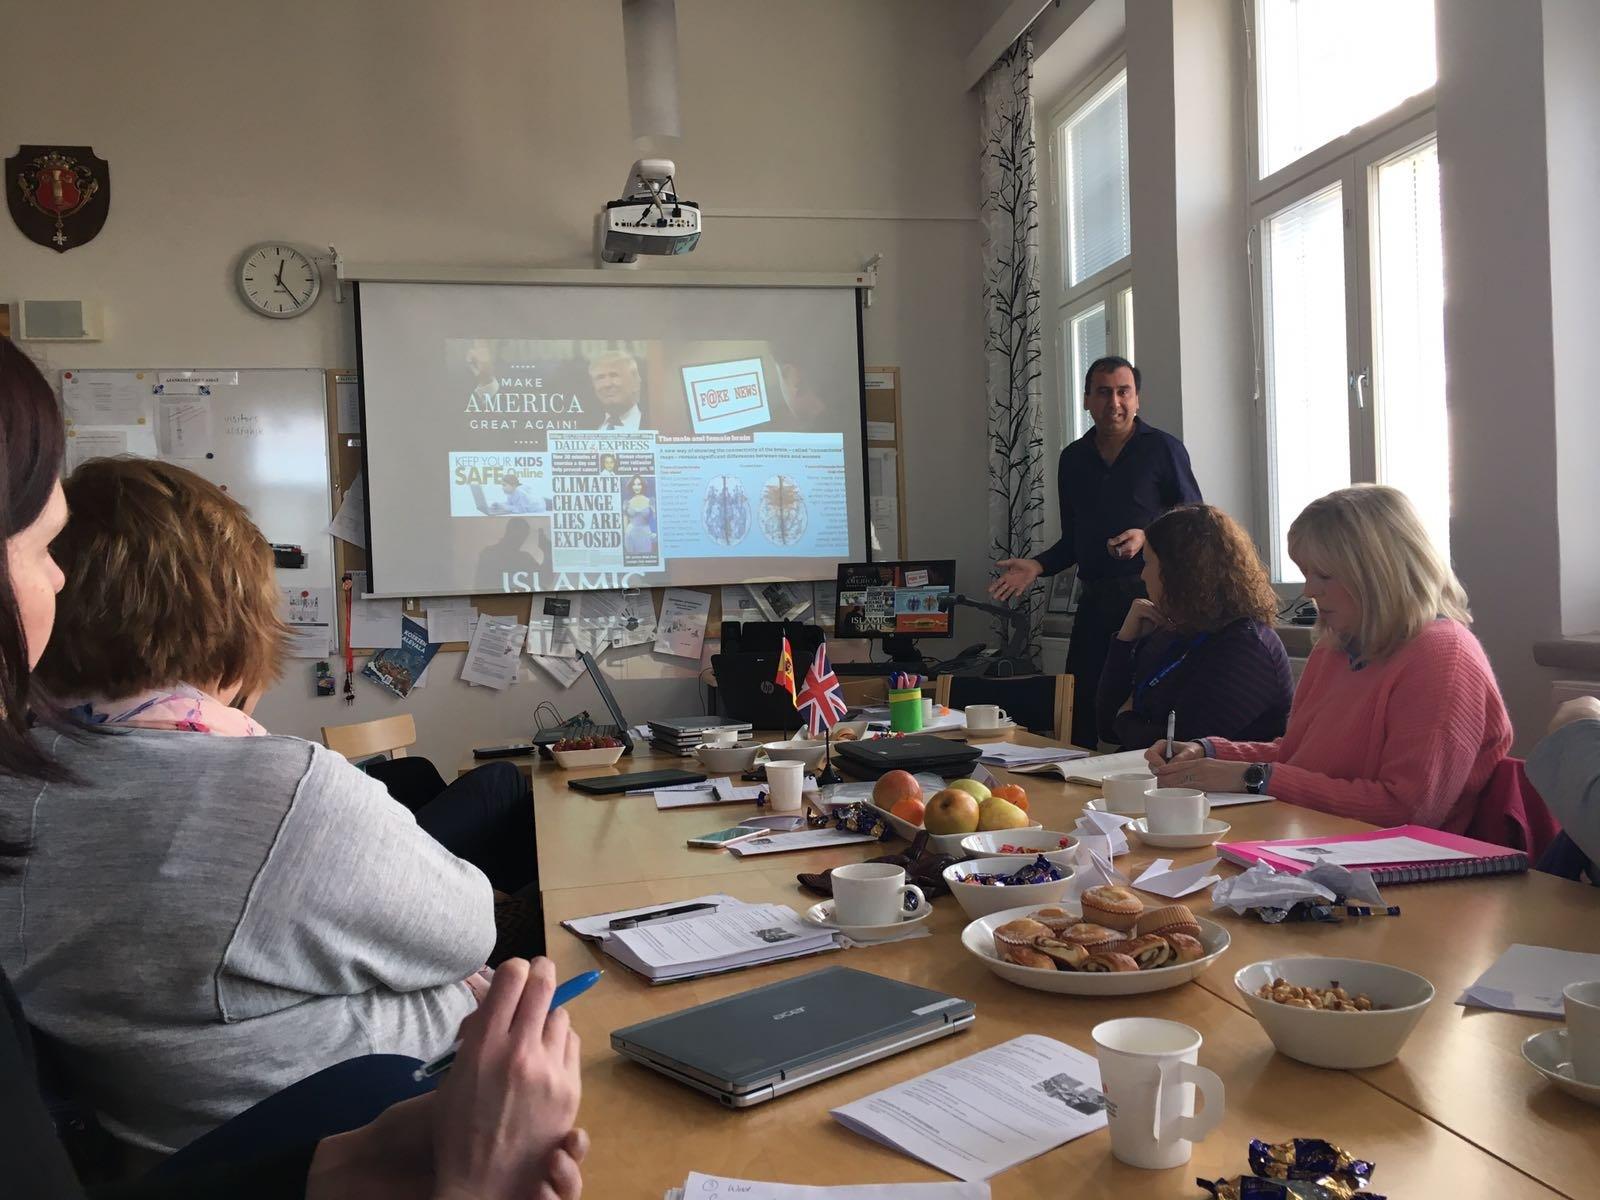 Jimmy in Vaasa, Finlandia, talking about Flipped learning